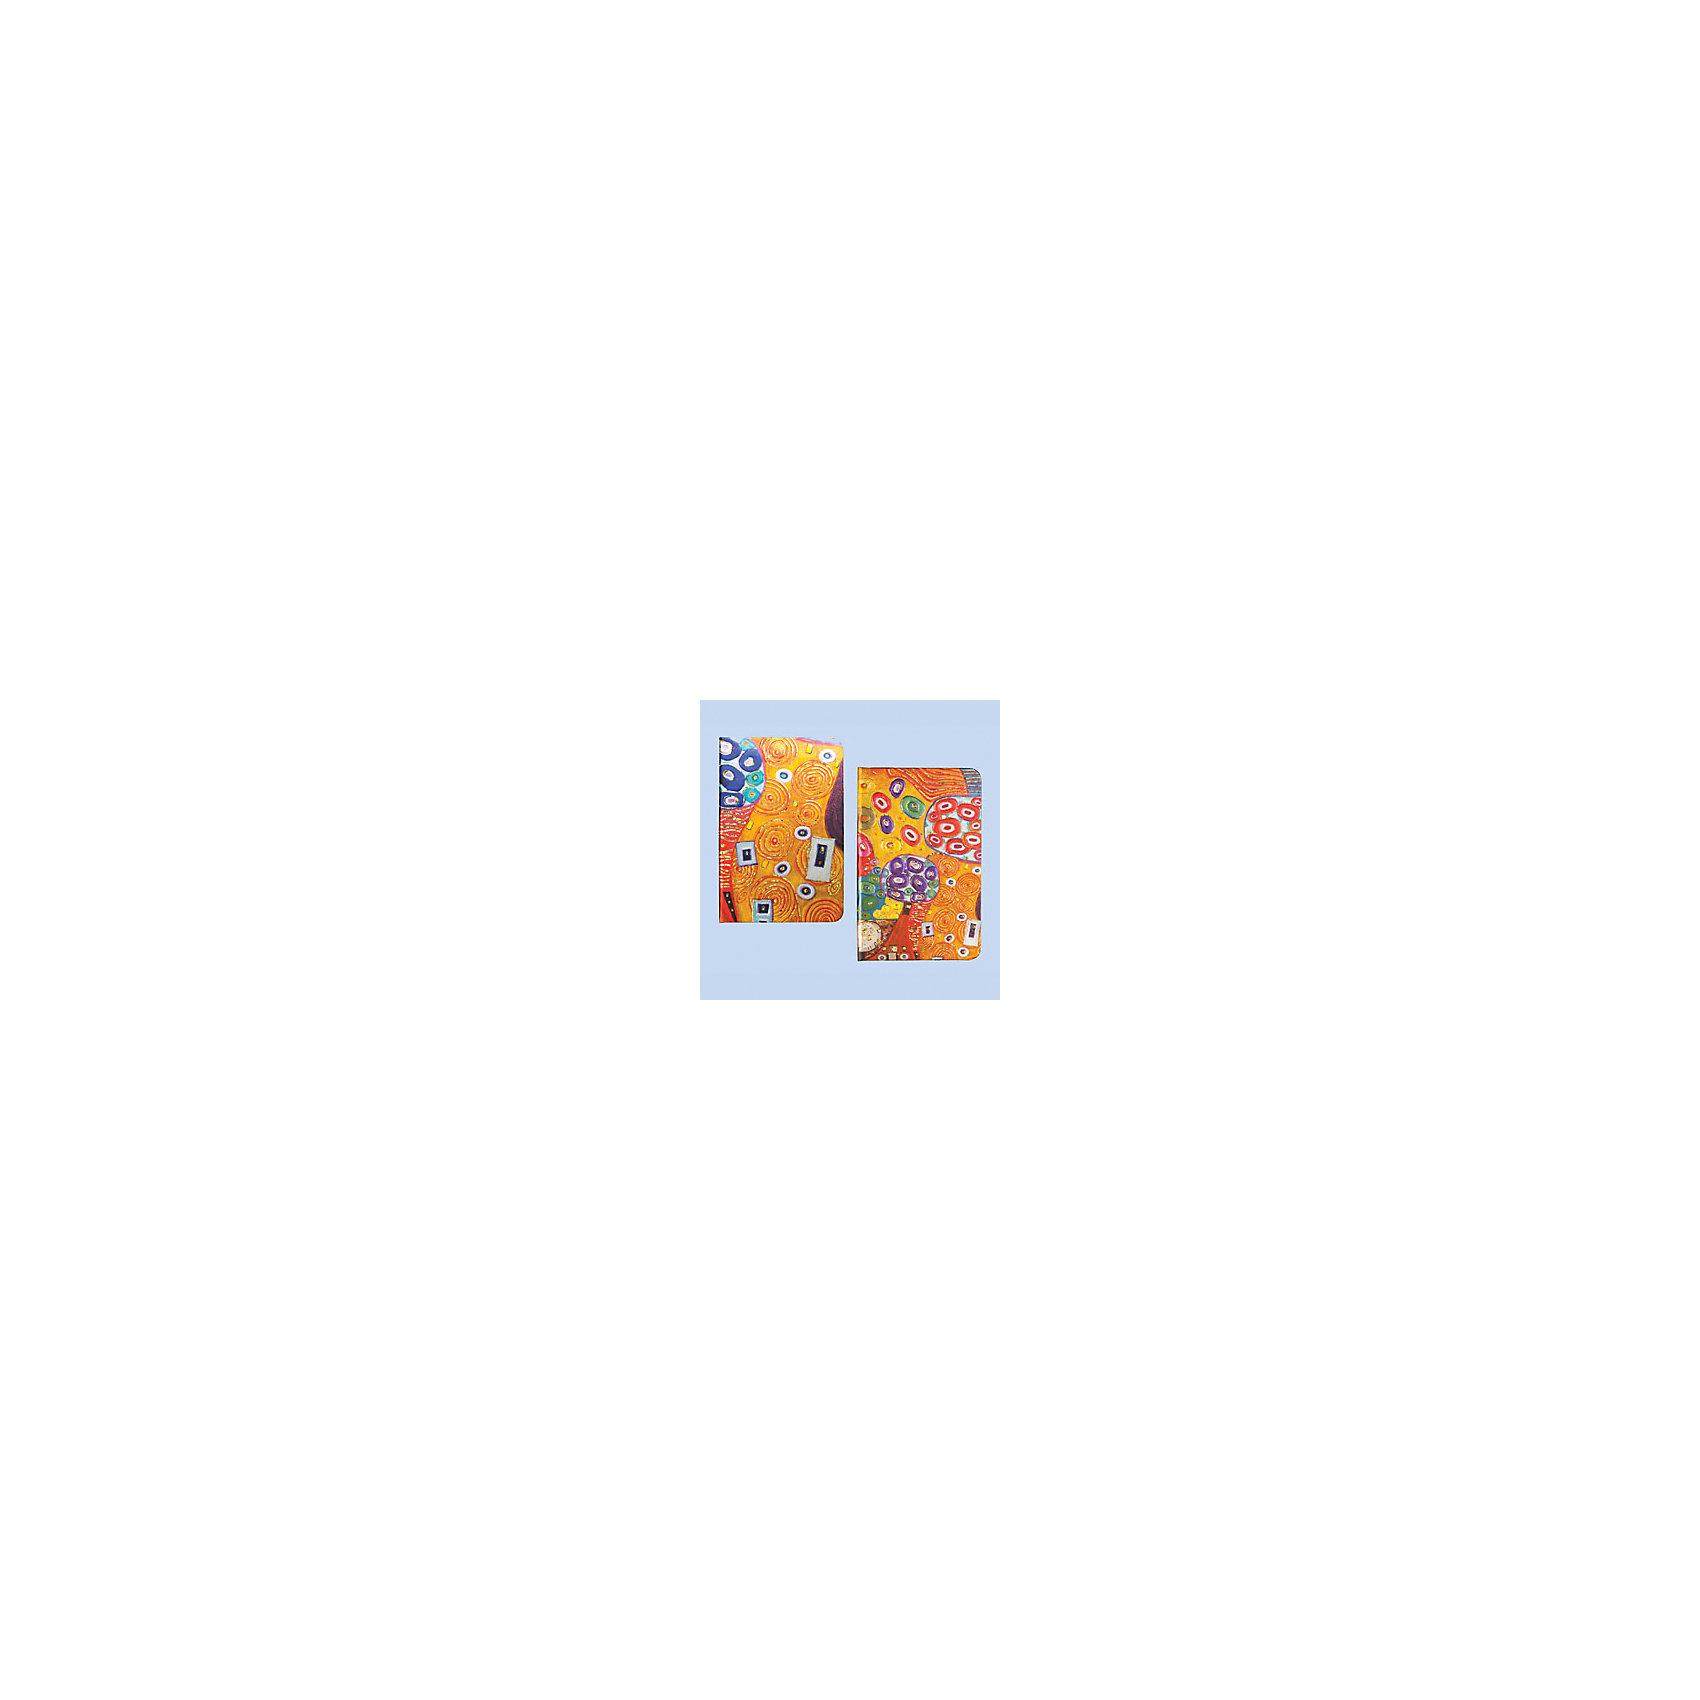 Centrum Блокнот А5, 80 листов, линейка, ассортиБлокноты и ежедневники<br>Блокнот METALLIC. Формат А5, 80 листов в линейку, в твердом переплелете, плотность бумаги 70 г./кв.м., ассорти<br><br>Ширина мм: 12<br>Глубина мм: 150<br>Высота мм: 210<br>Вес г: 268<br>Возраст от месяцев: 72<br>Возраст до месяцев: 2147483647<br>Пол: Унисекс<br>Возраст: Детский<br>SKU: 6846726